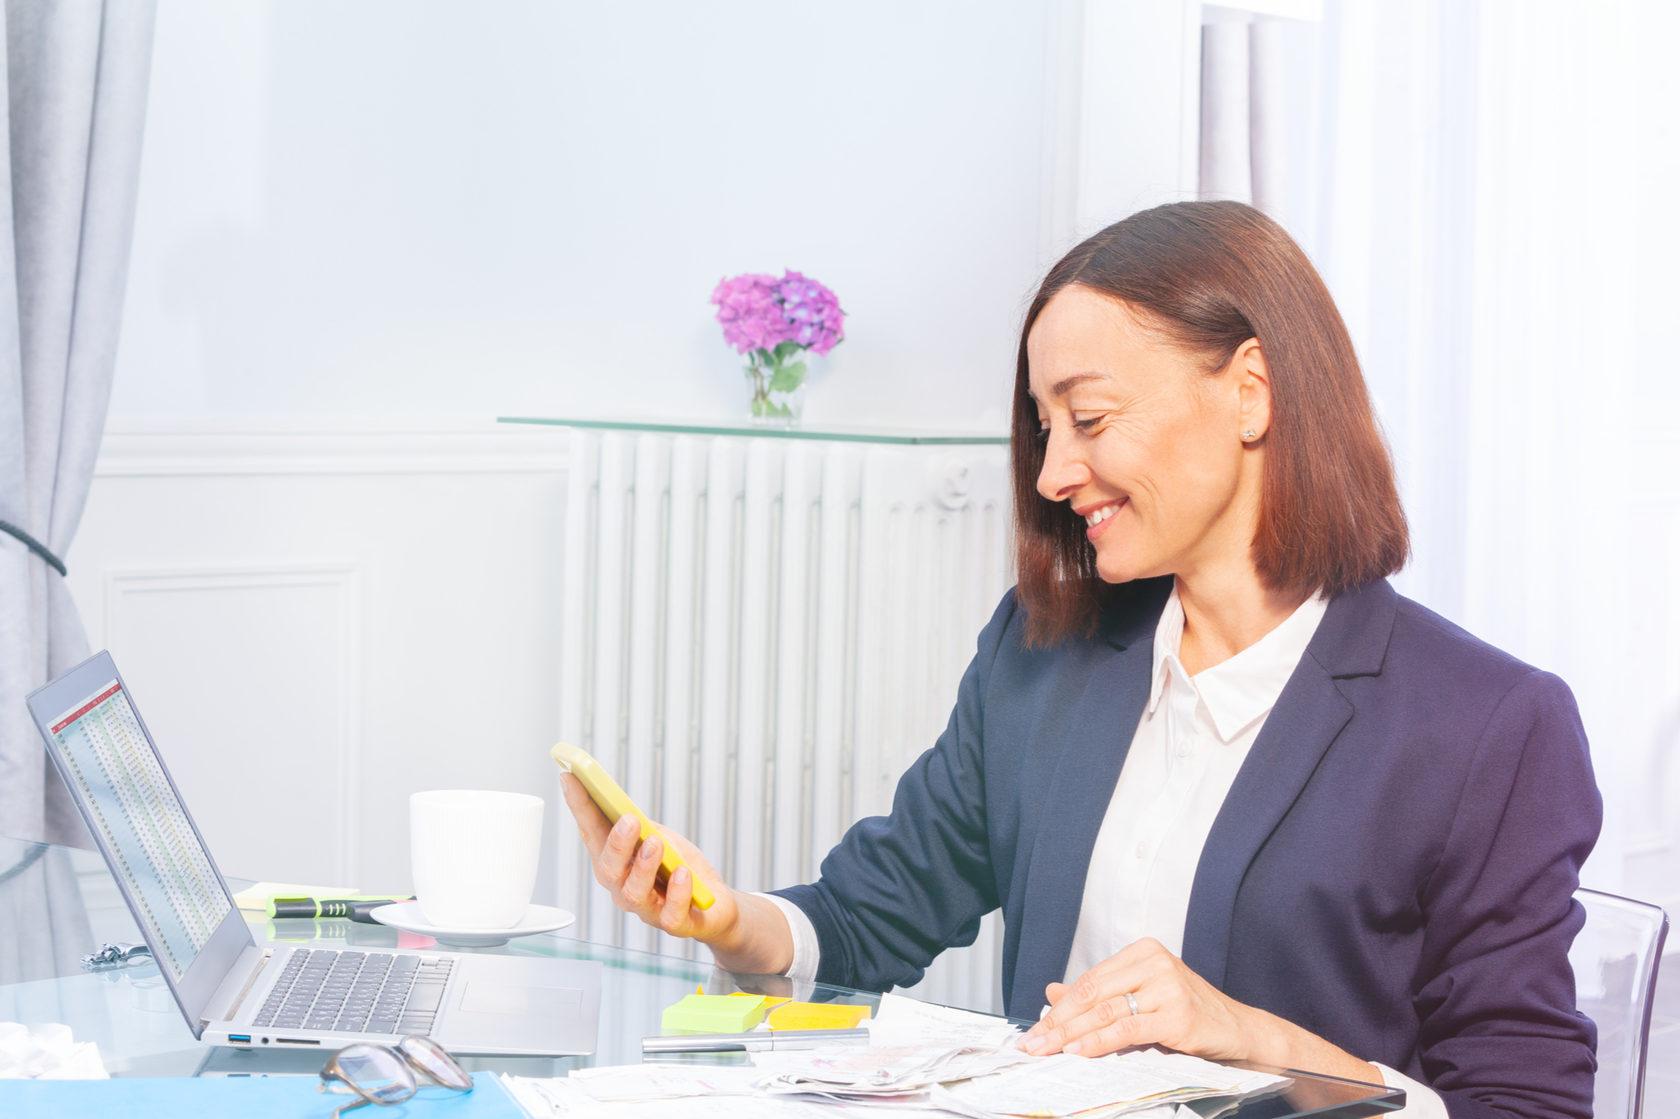 Помощь бухгалтеру в ведении бухгалтерского учета бухгалтер удаленно на дому вакансии нижний новгород